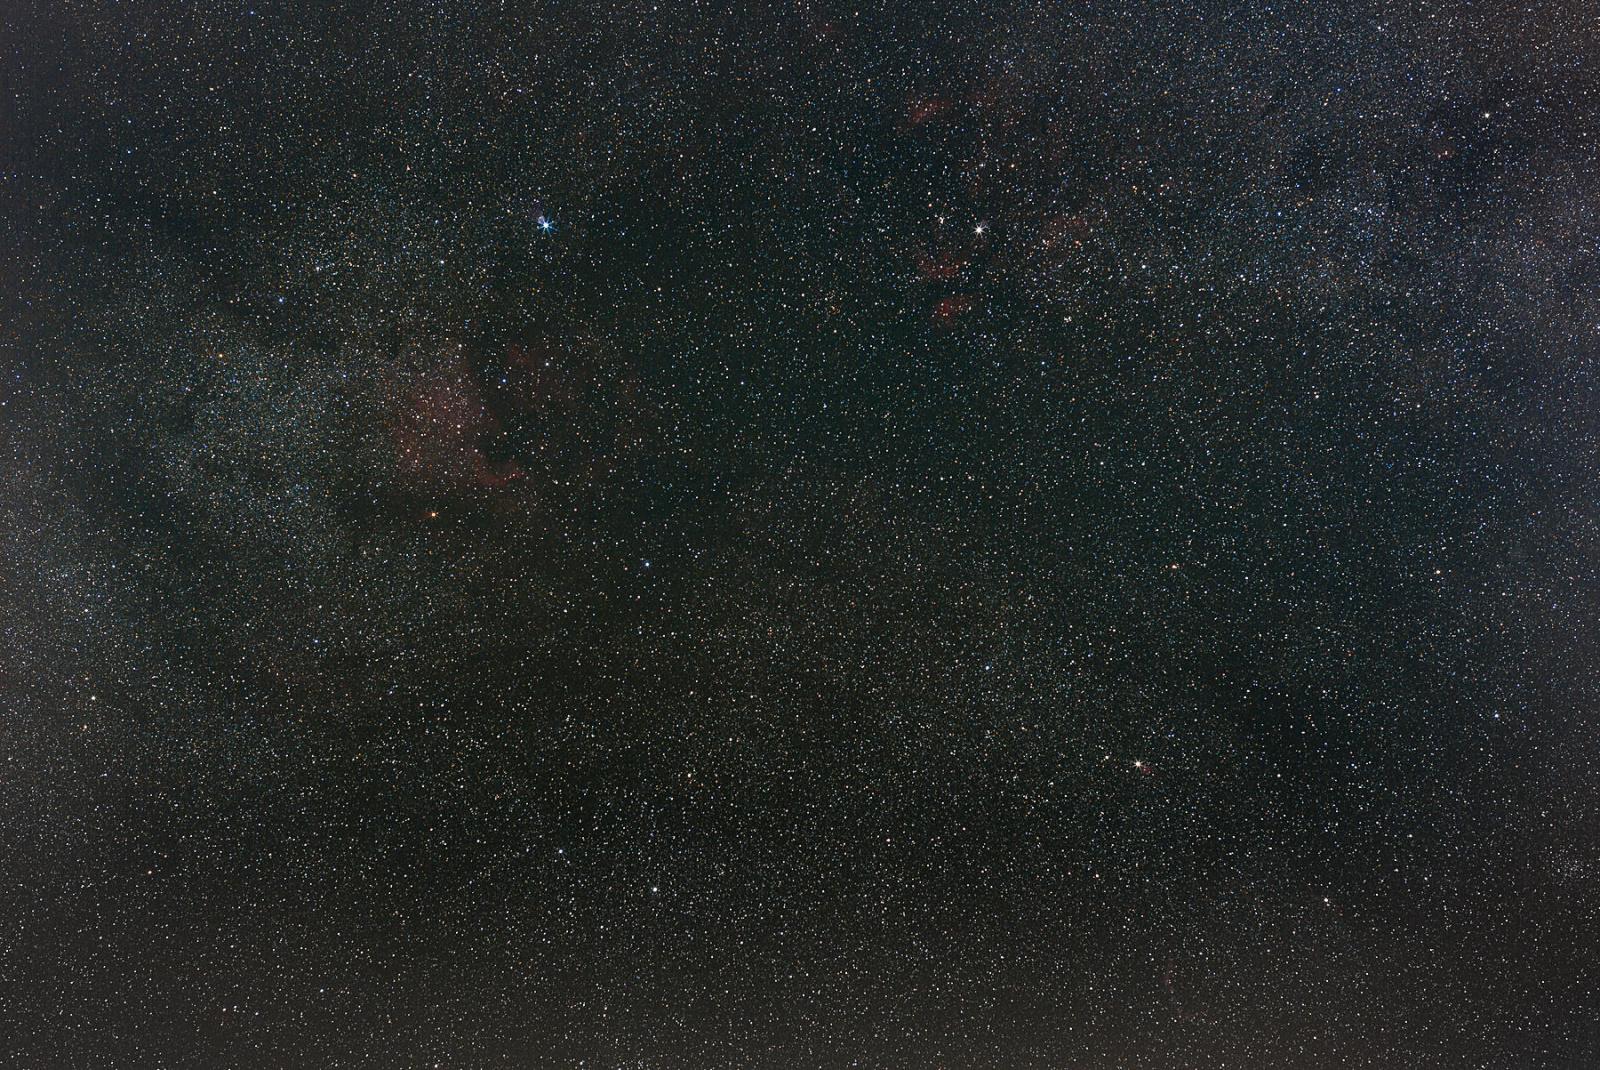 mAutosave1.thumb.jpg.d4101846c66df244d56bc55f685d269a.jpg